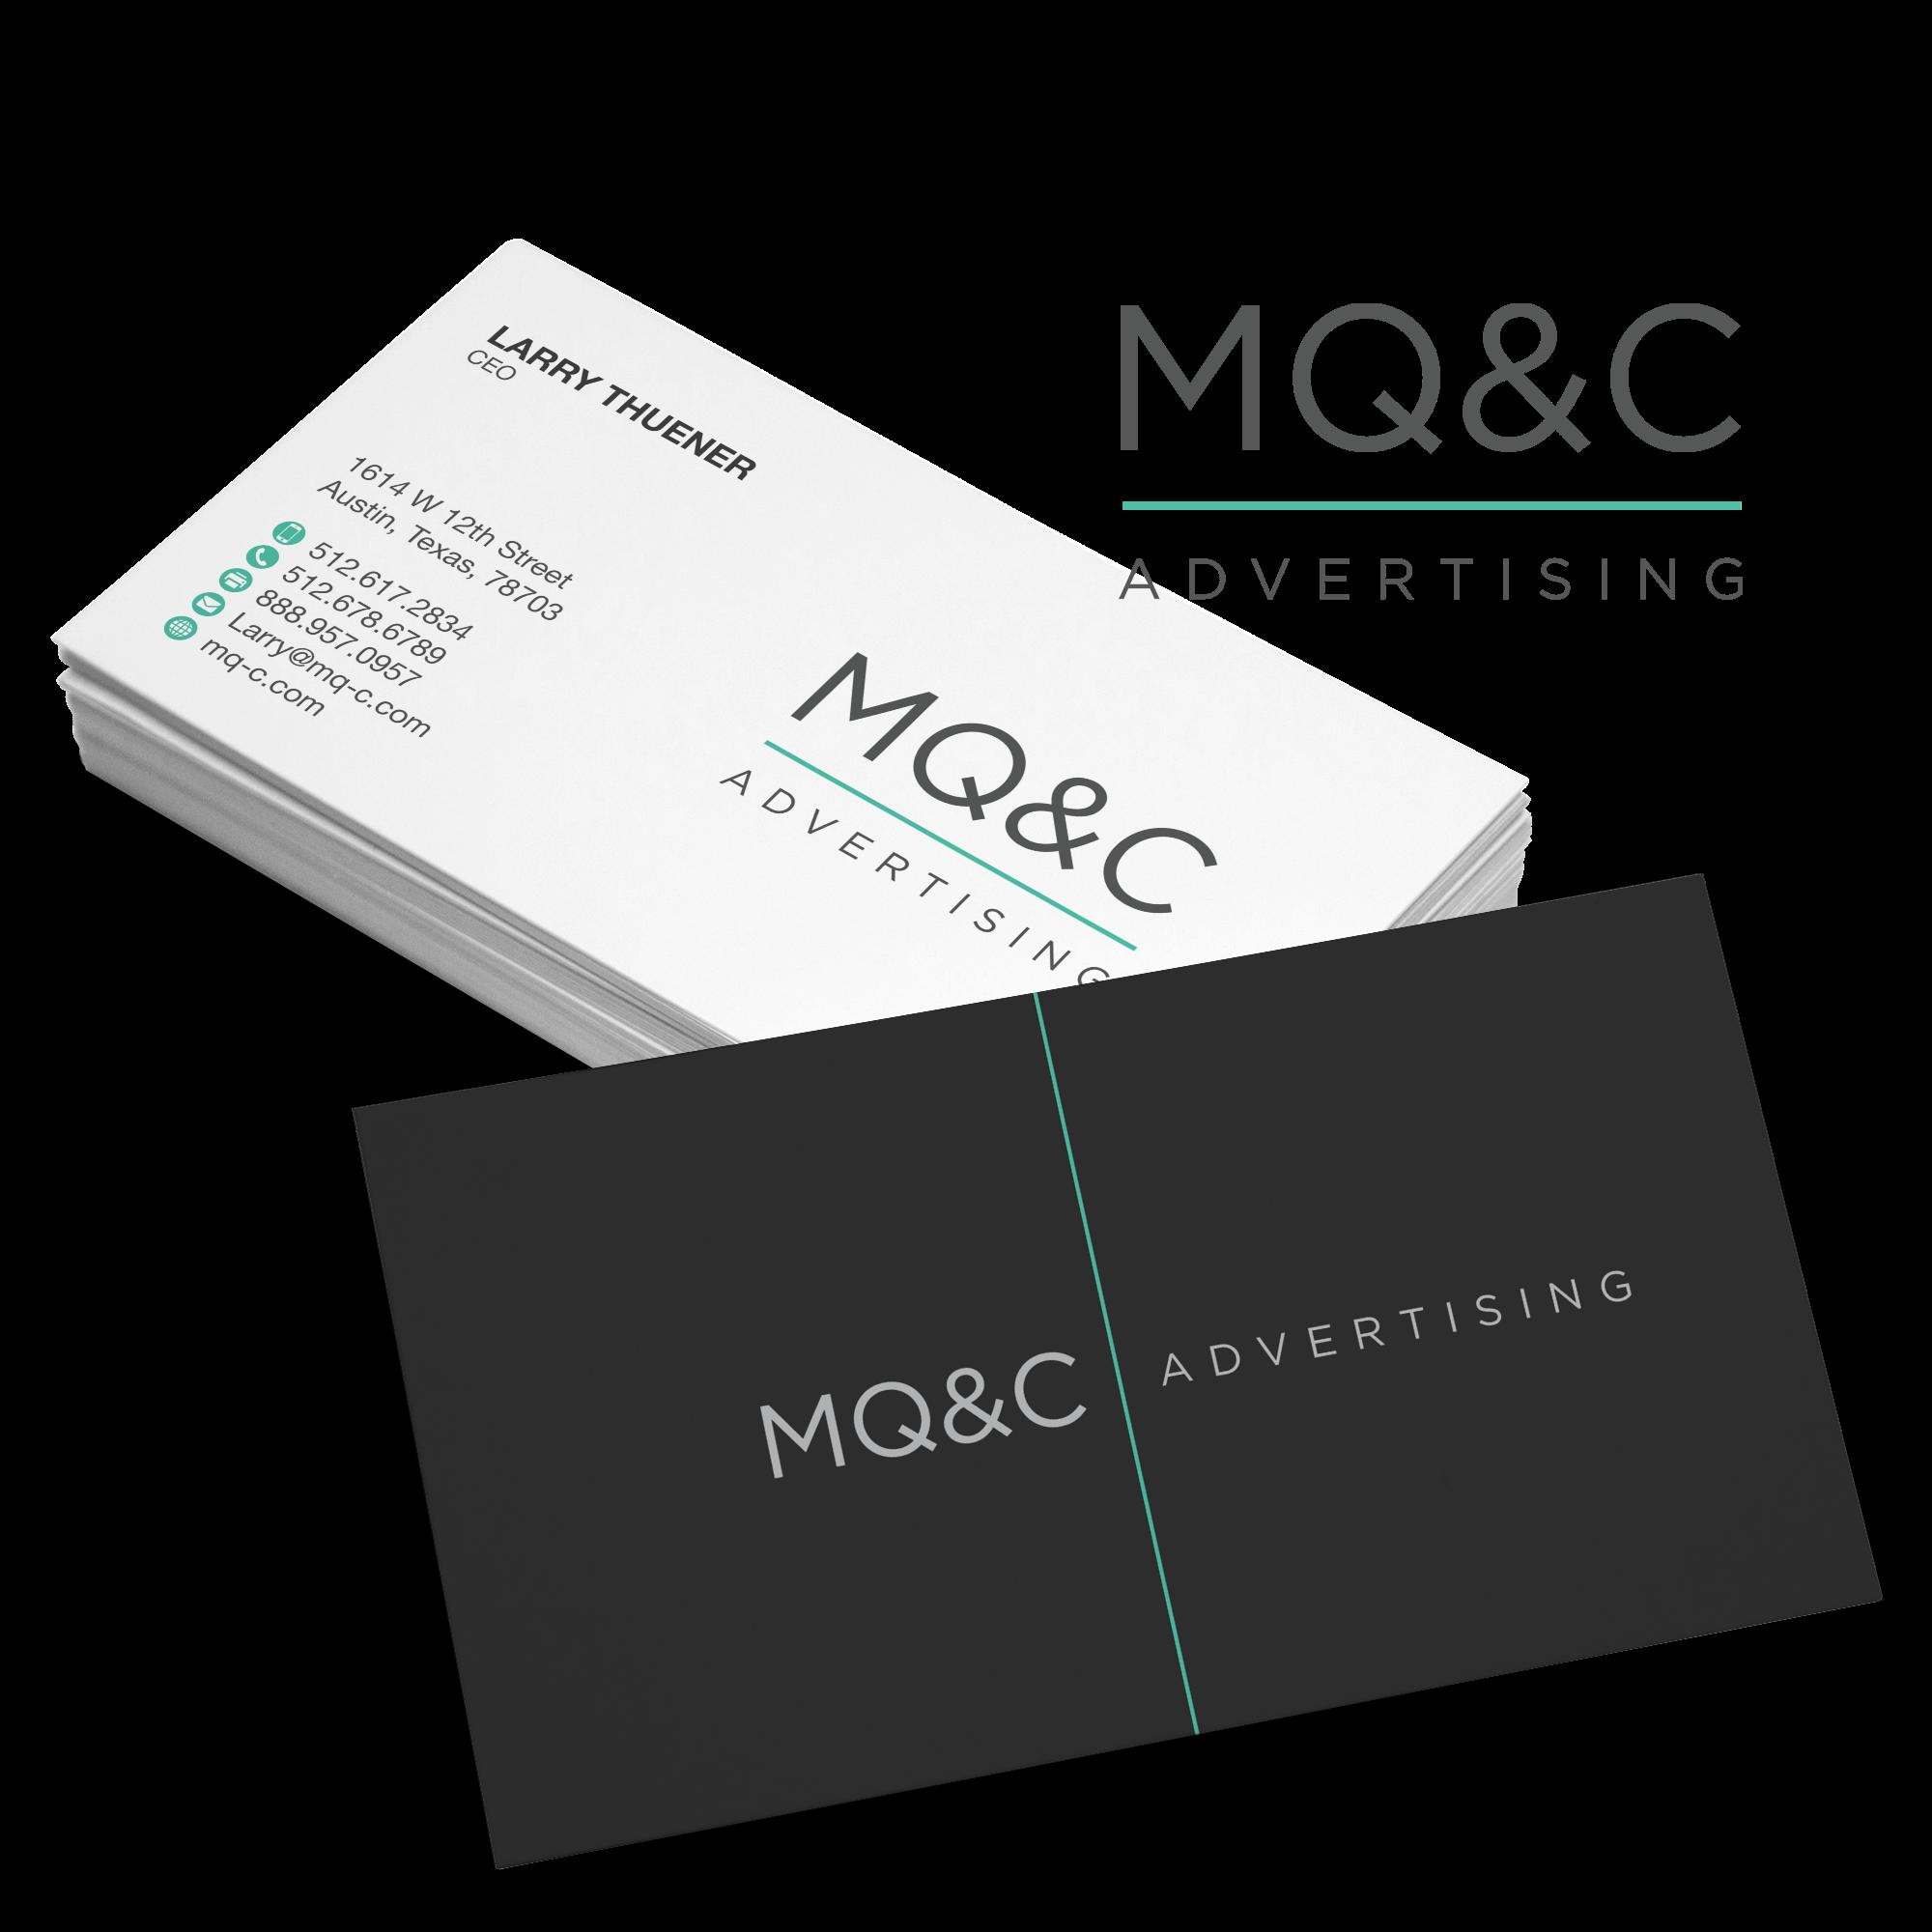 how to design a business card logo